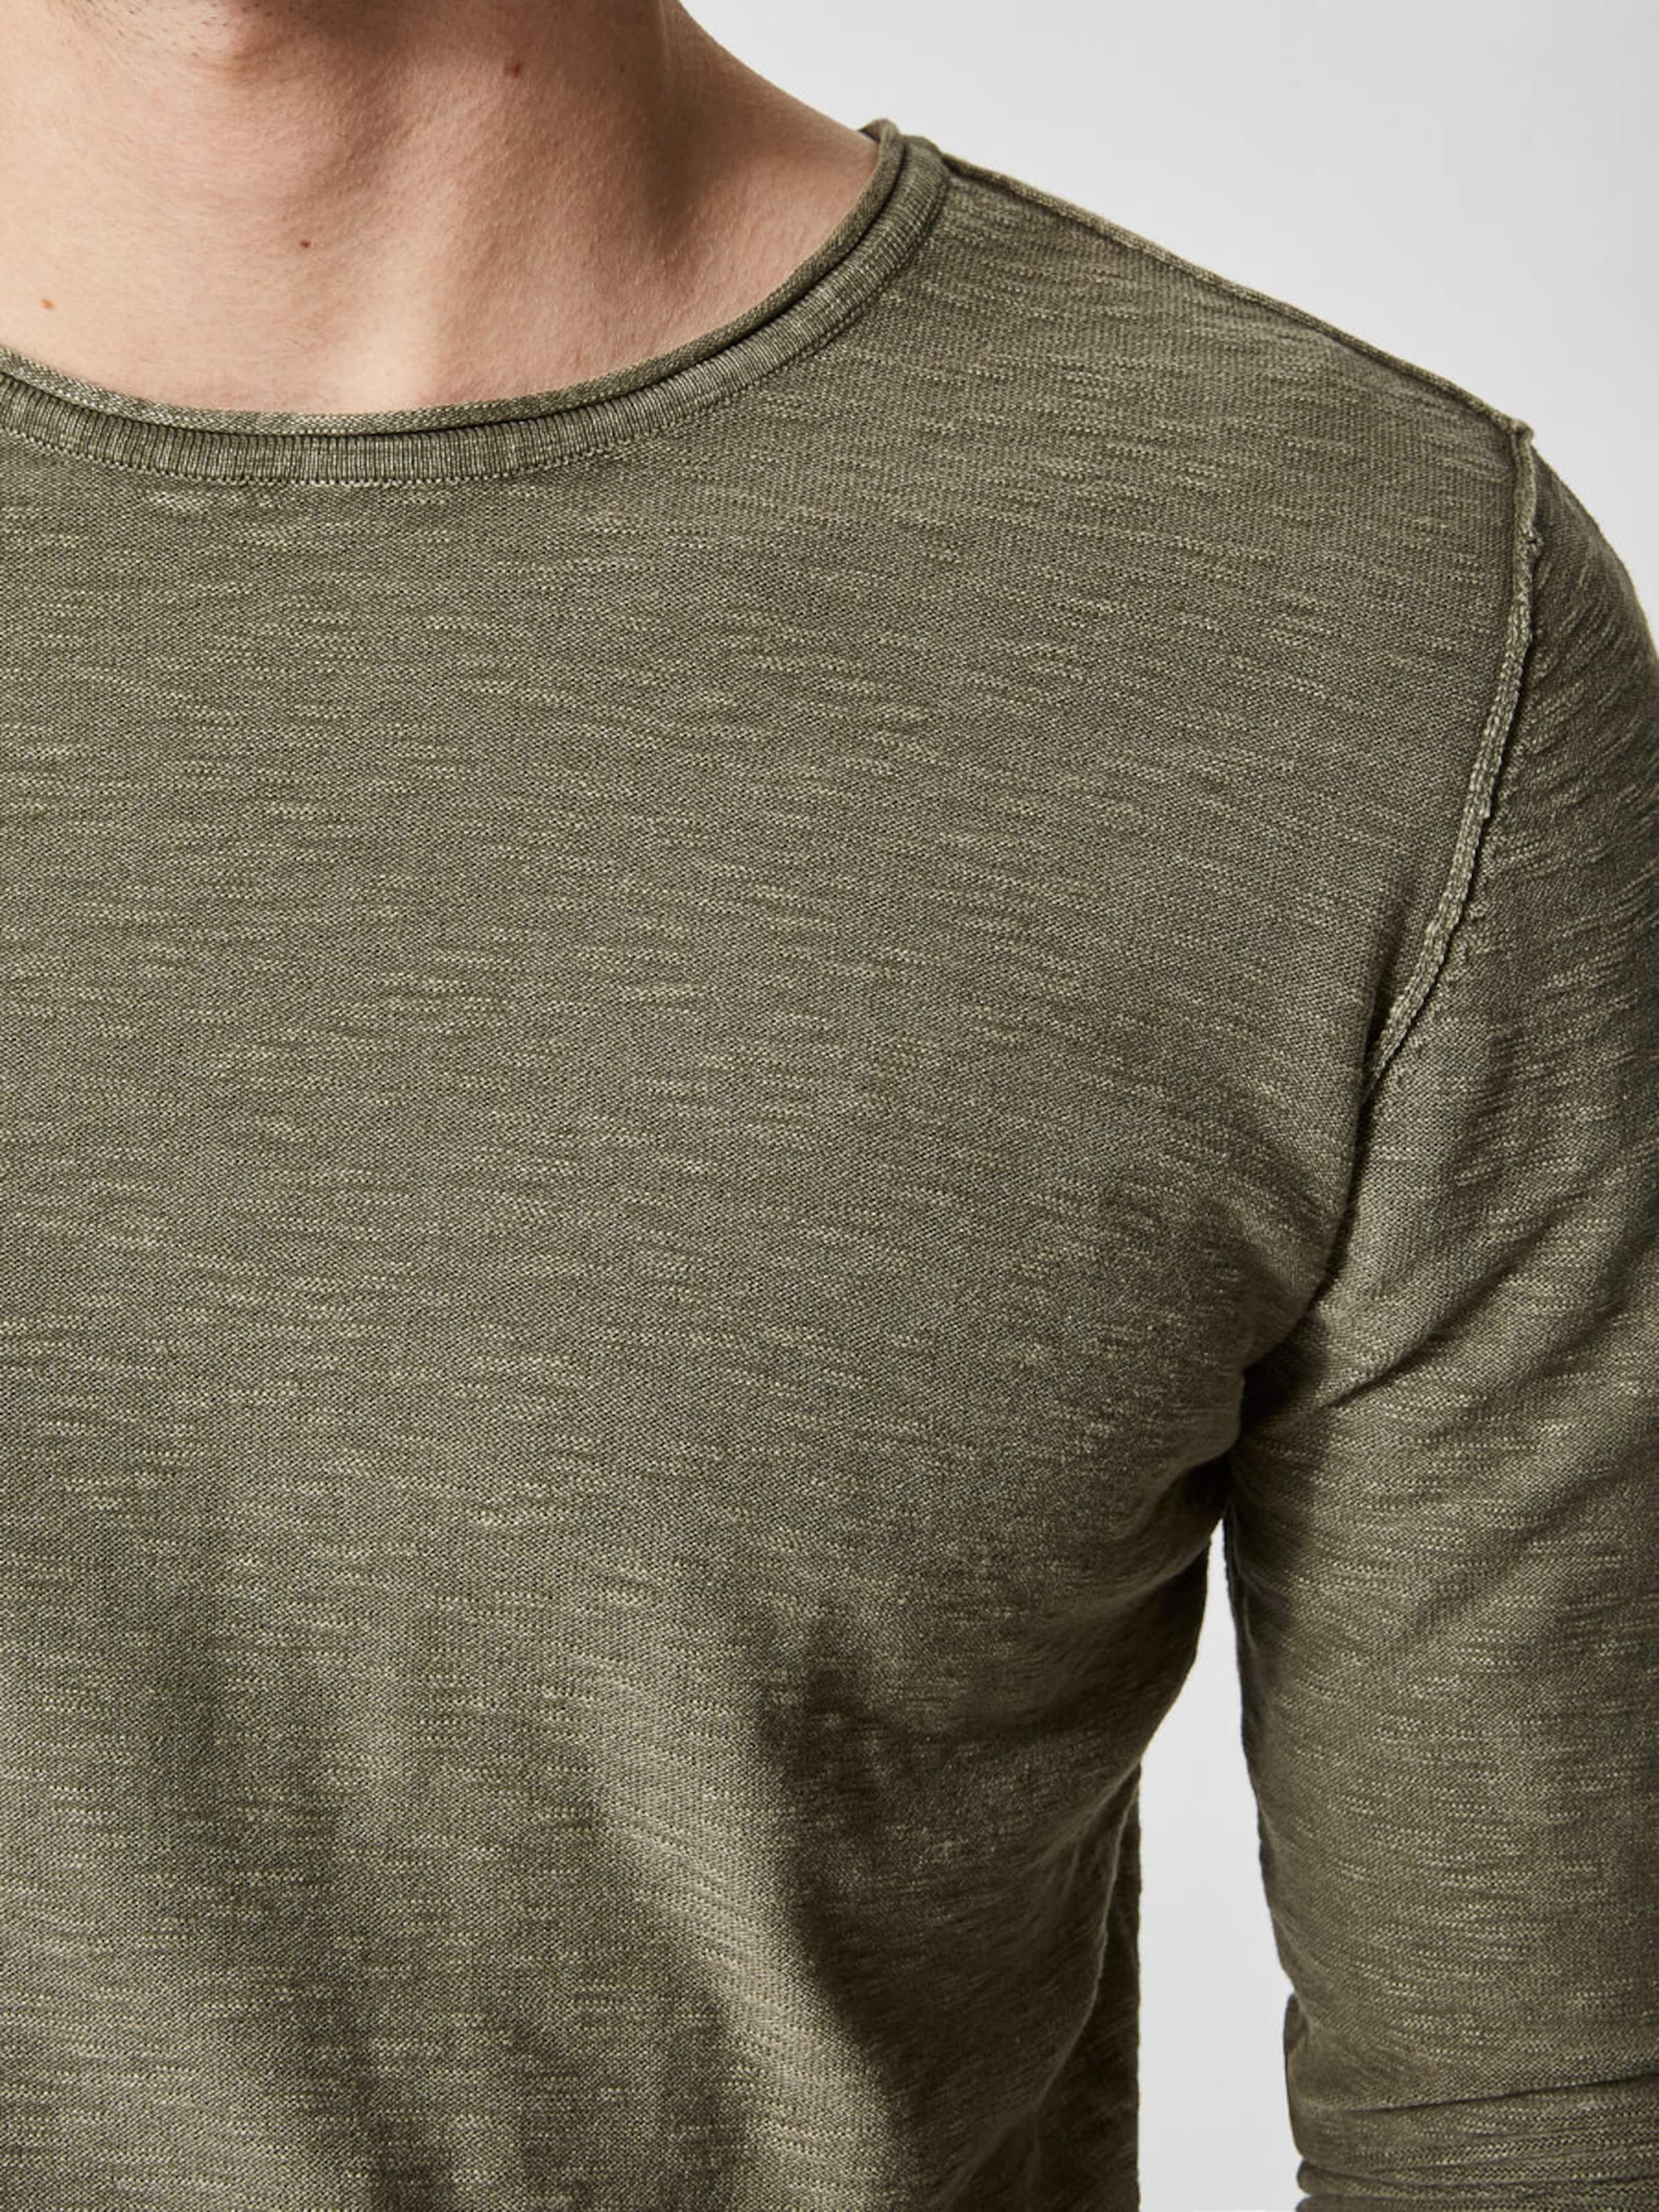 SELECTED HOMME Crew-Neck Sweatshirt Rabatt Authentische Online Rabatt Mit Kreditkarte Günstig Versandkosten Spielraum 2018 Neu 1jMS39R